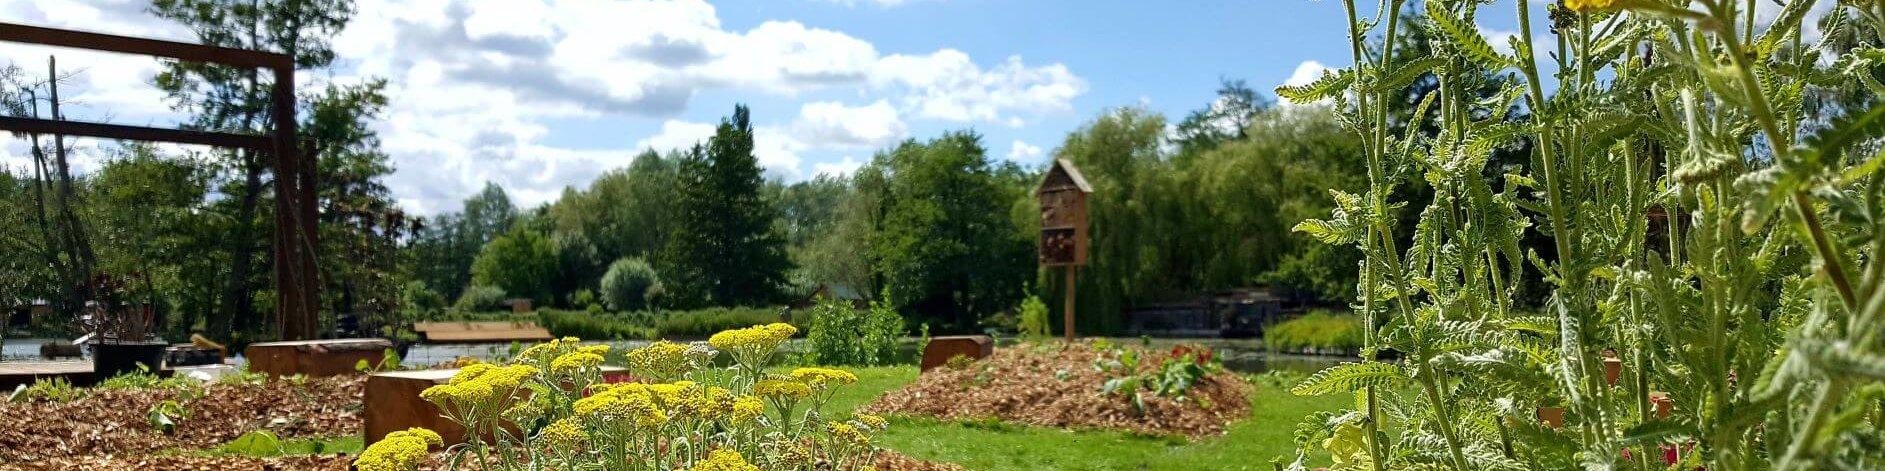 Lauréat du Festival international de jardin des hortillonnages d'Amiens 2019